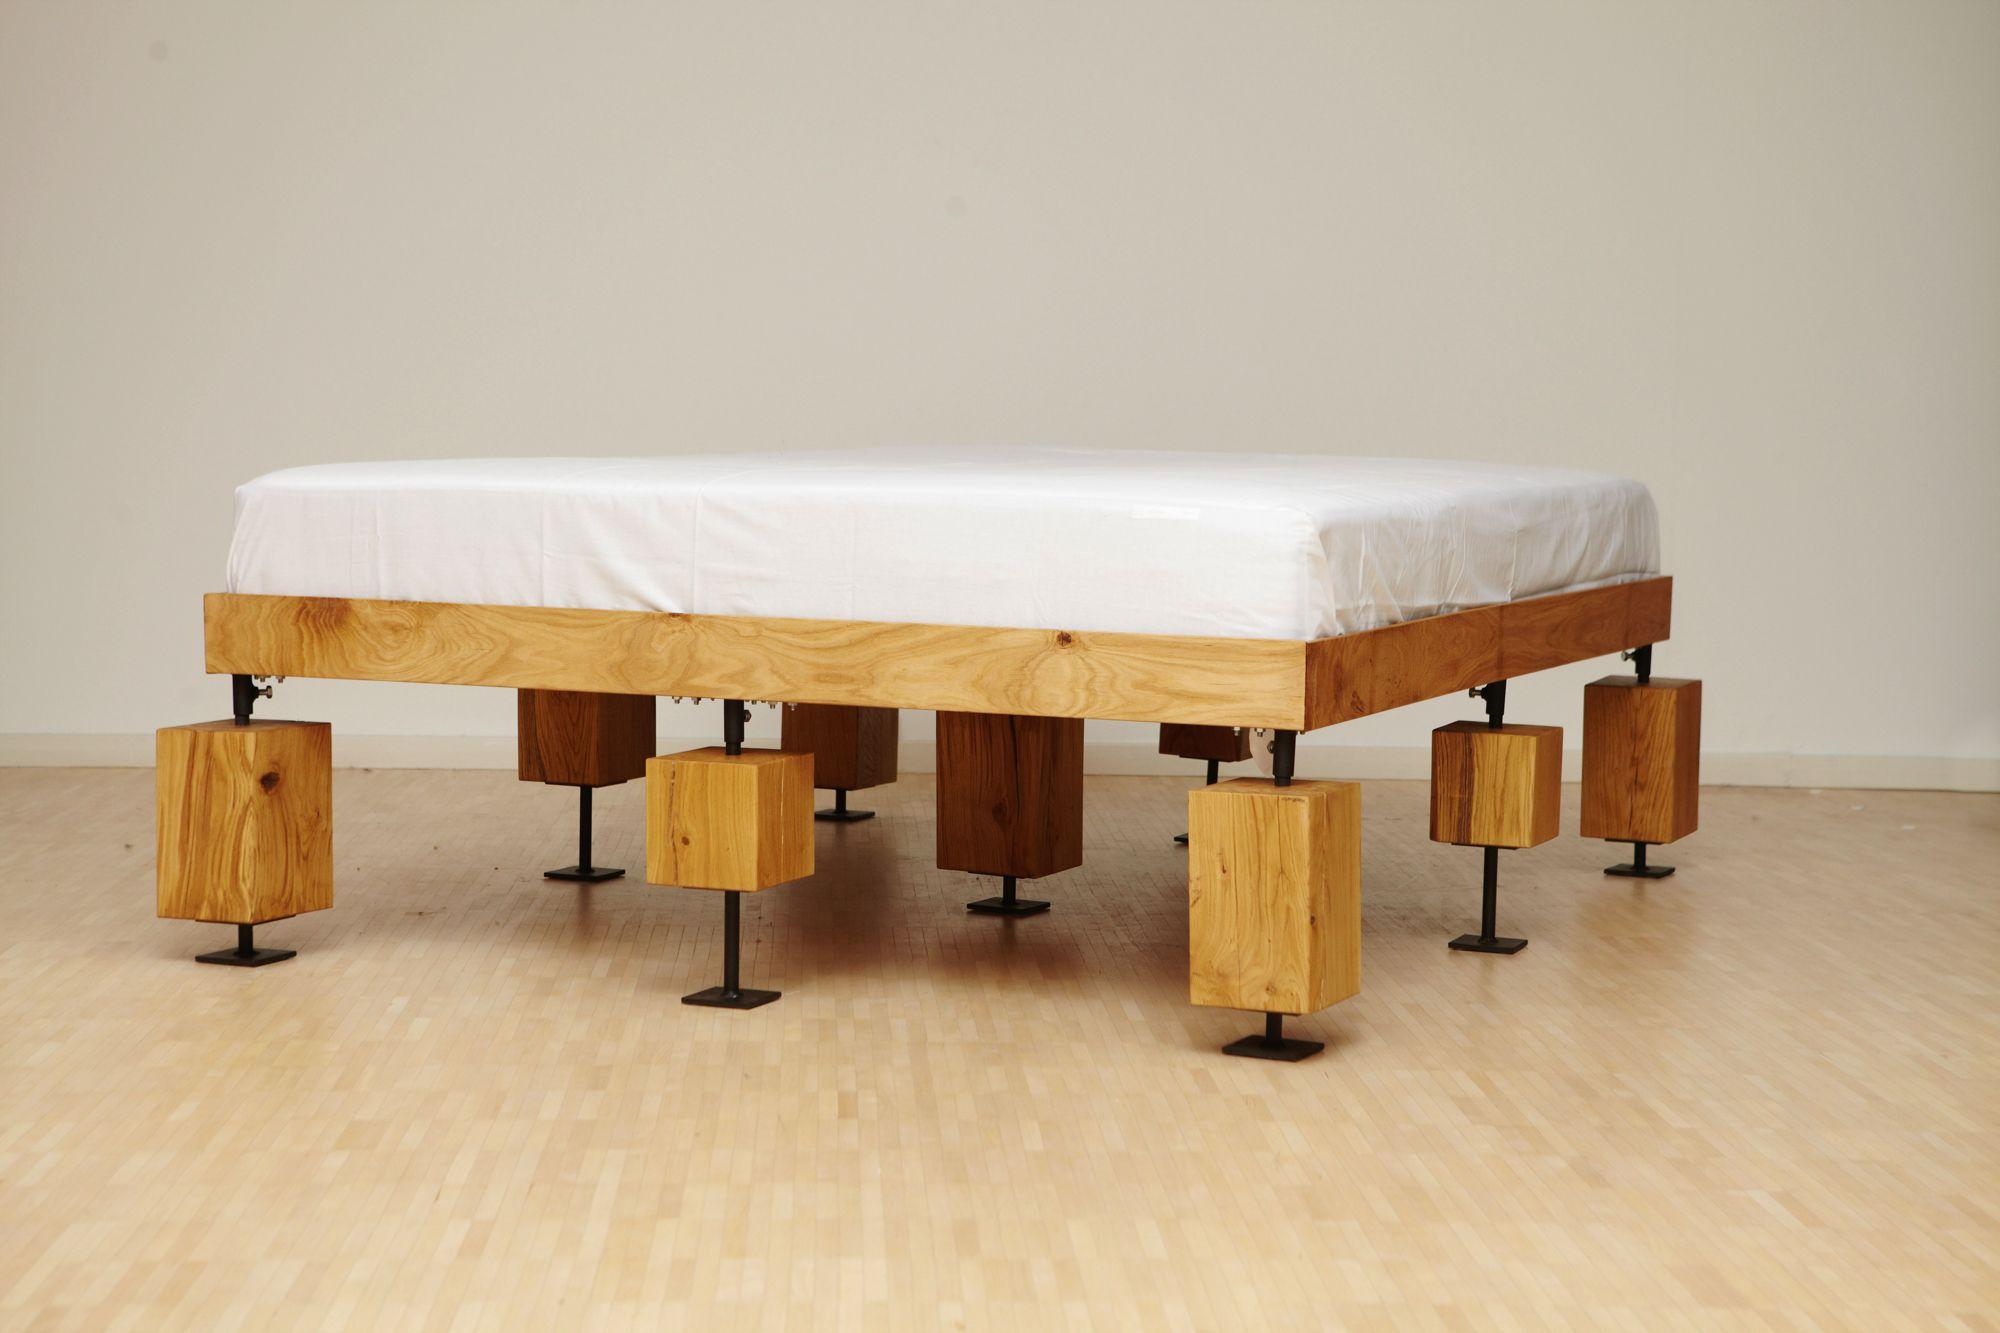 Ein interessantes Bett... (Foto: Verschnitt)